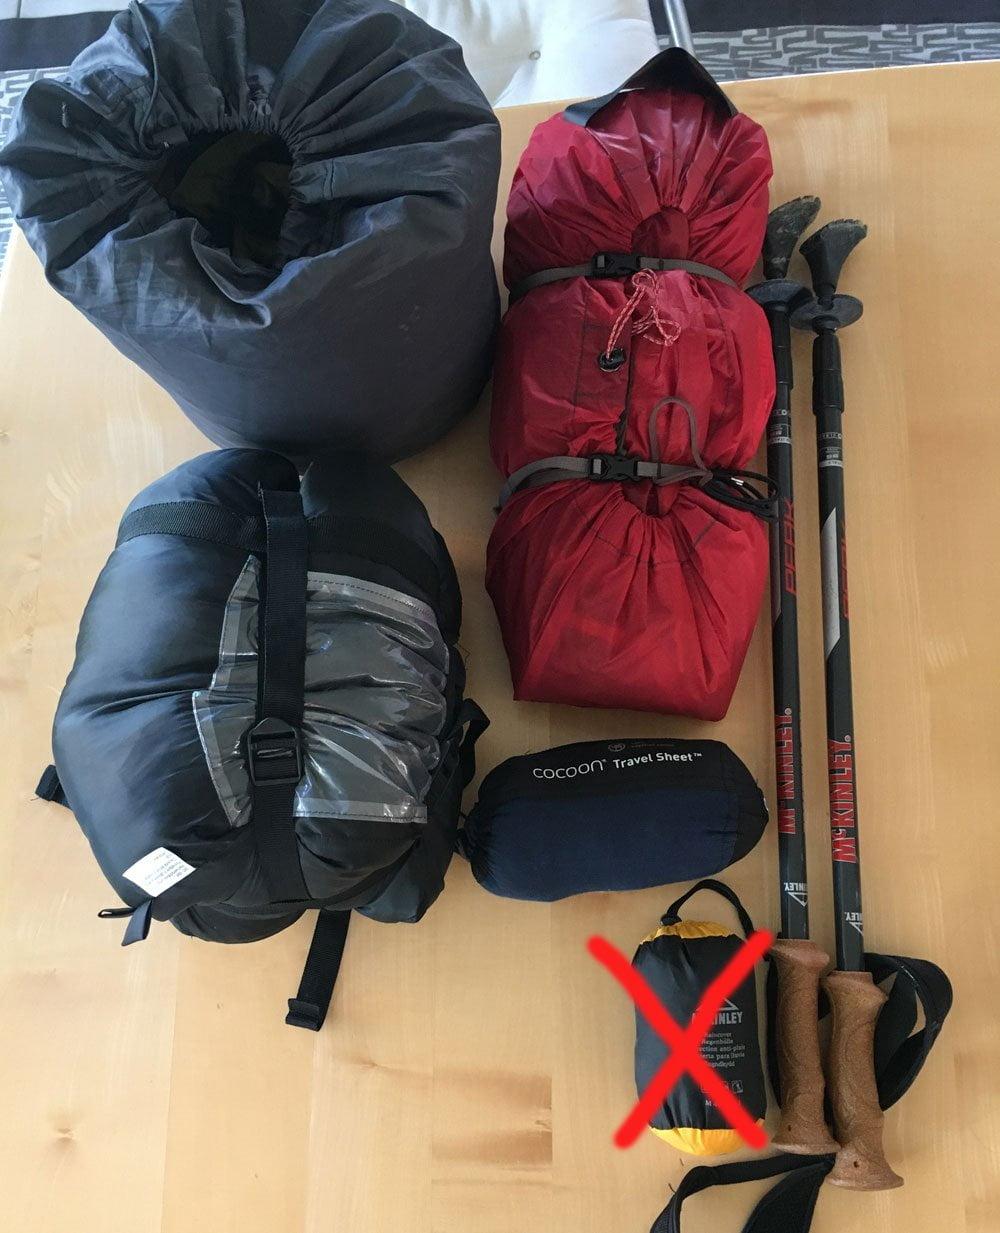 Mein Abenteuer Alpenüberquerung – Packliste